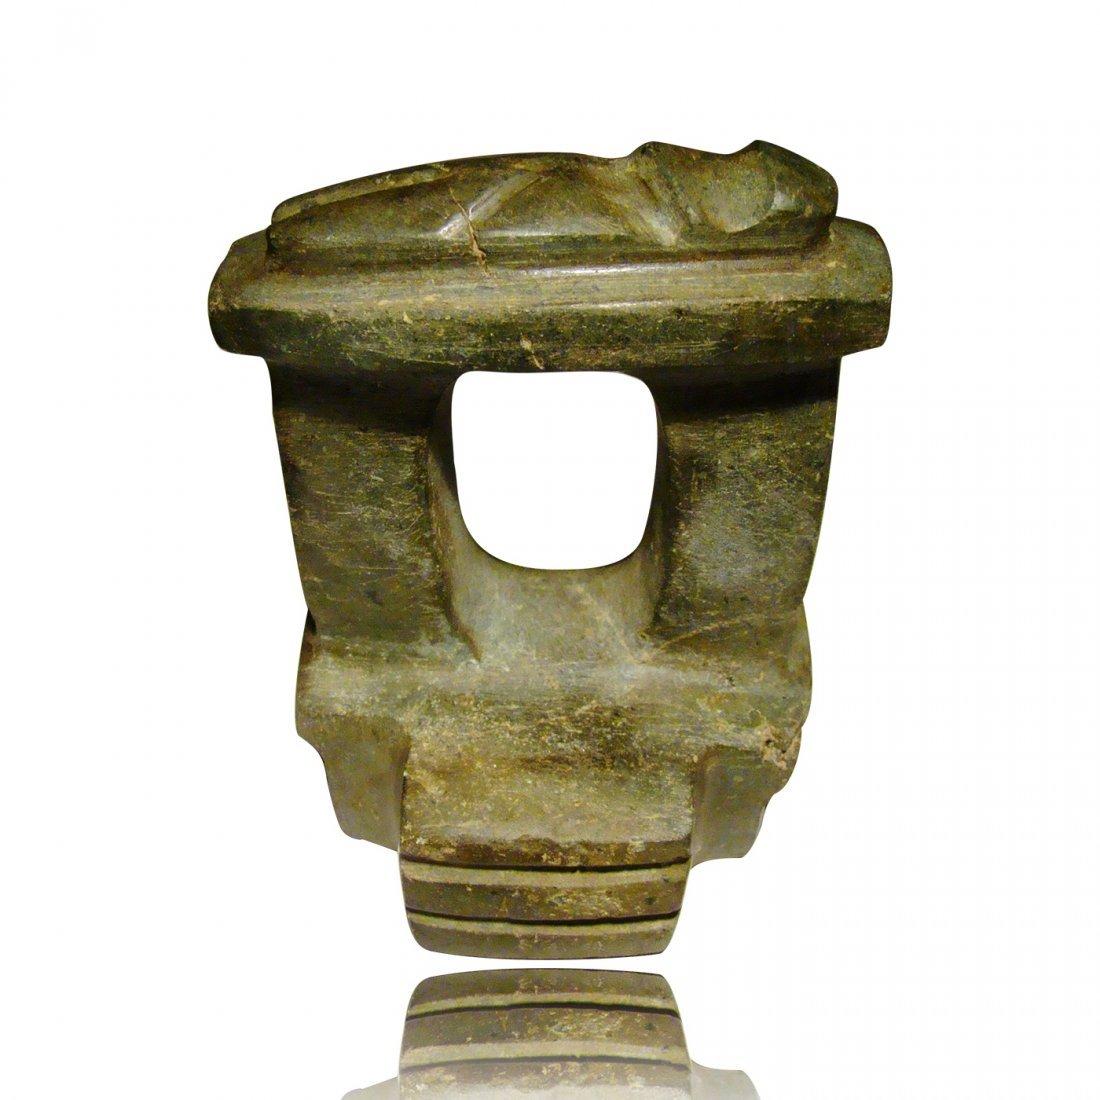 Pre-columbian Mezcala Temple Model and Recumbent Figure